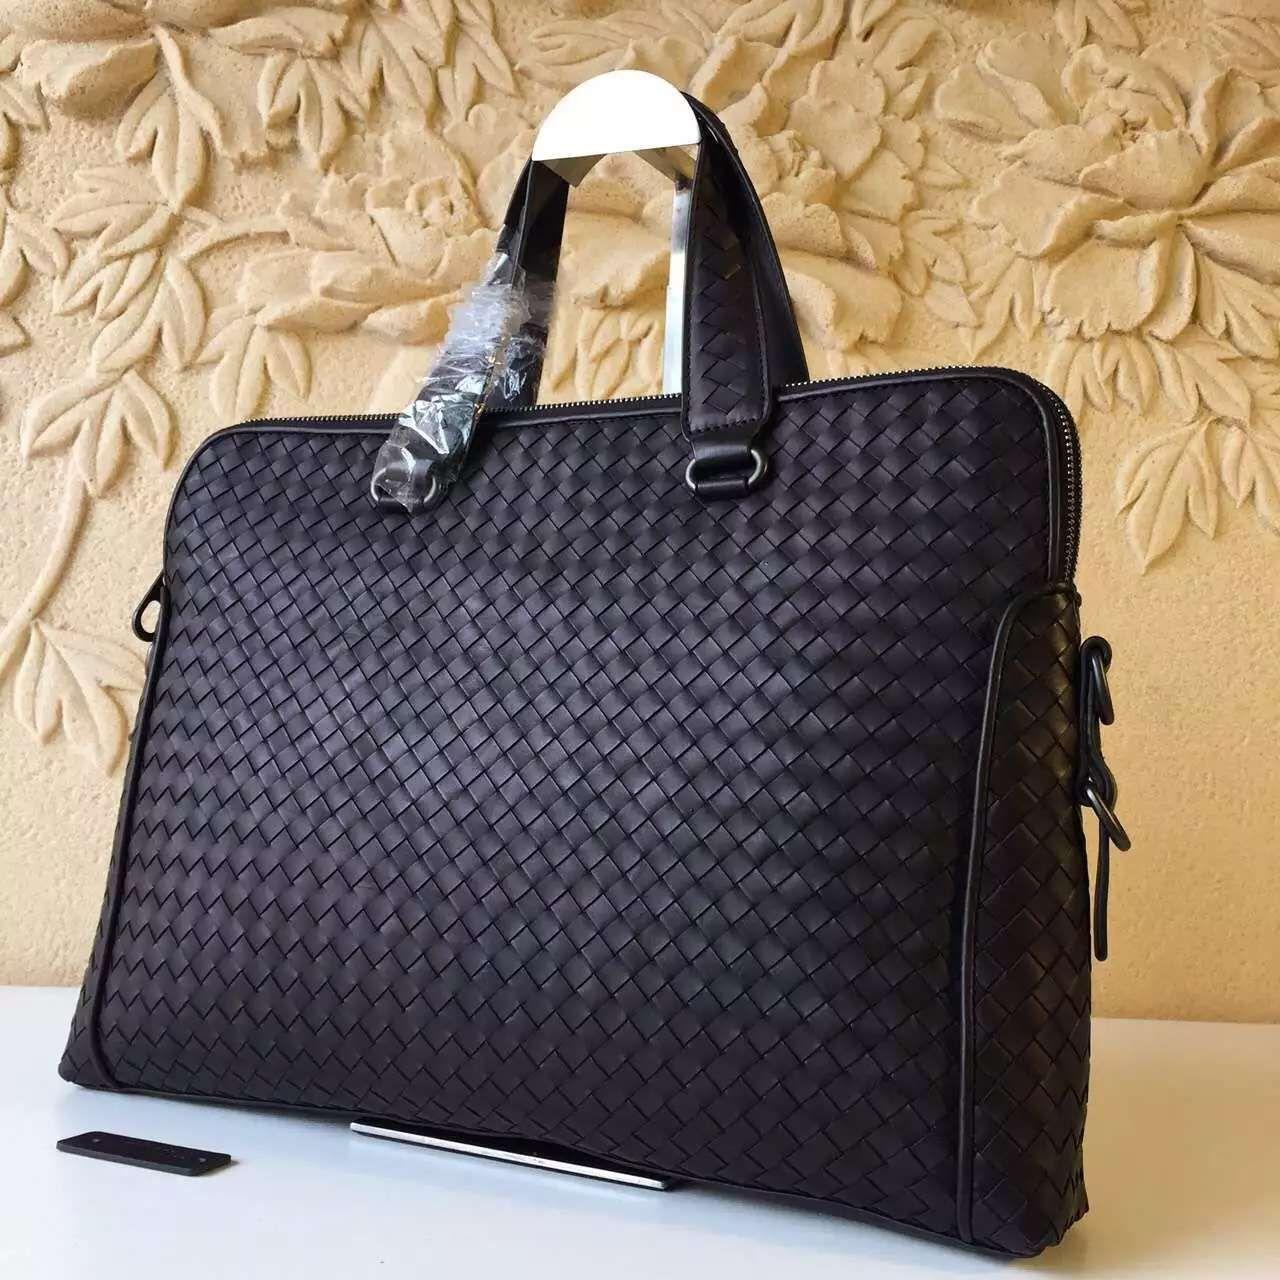 Bottega Veneta Bag Id 39467 Forsale A Yybags Com Bottega